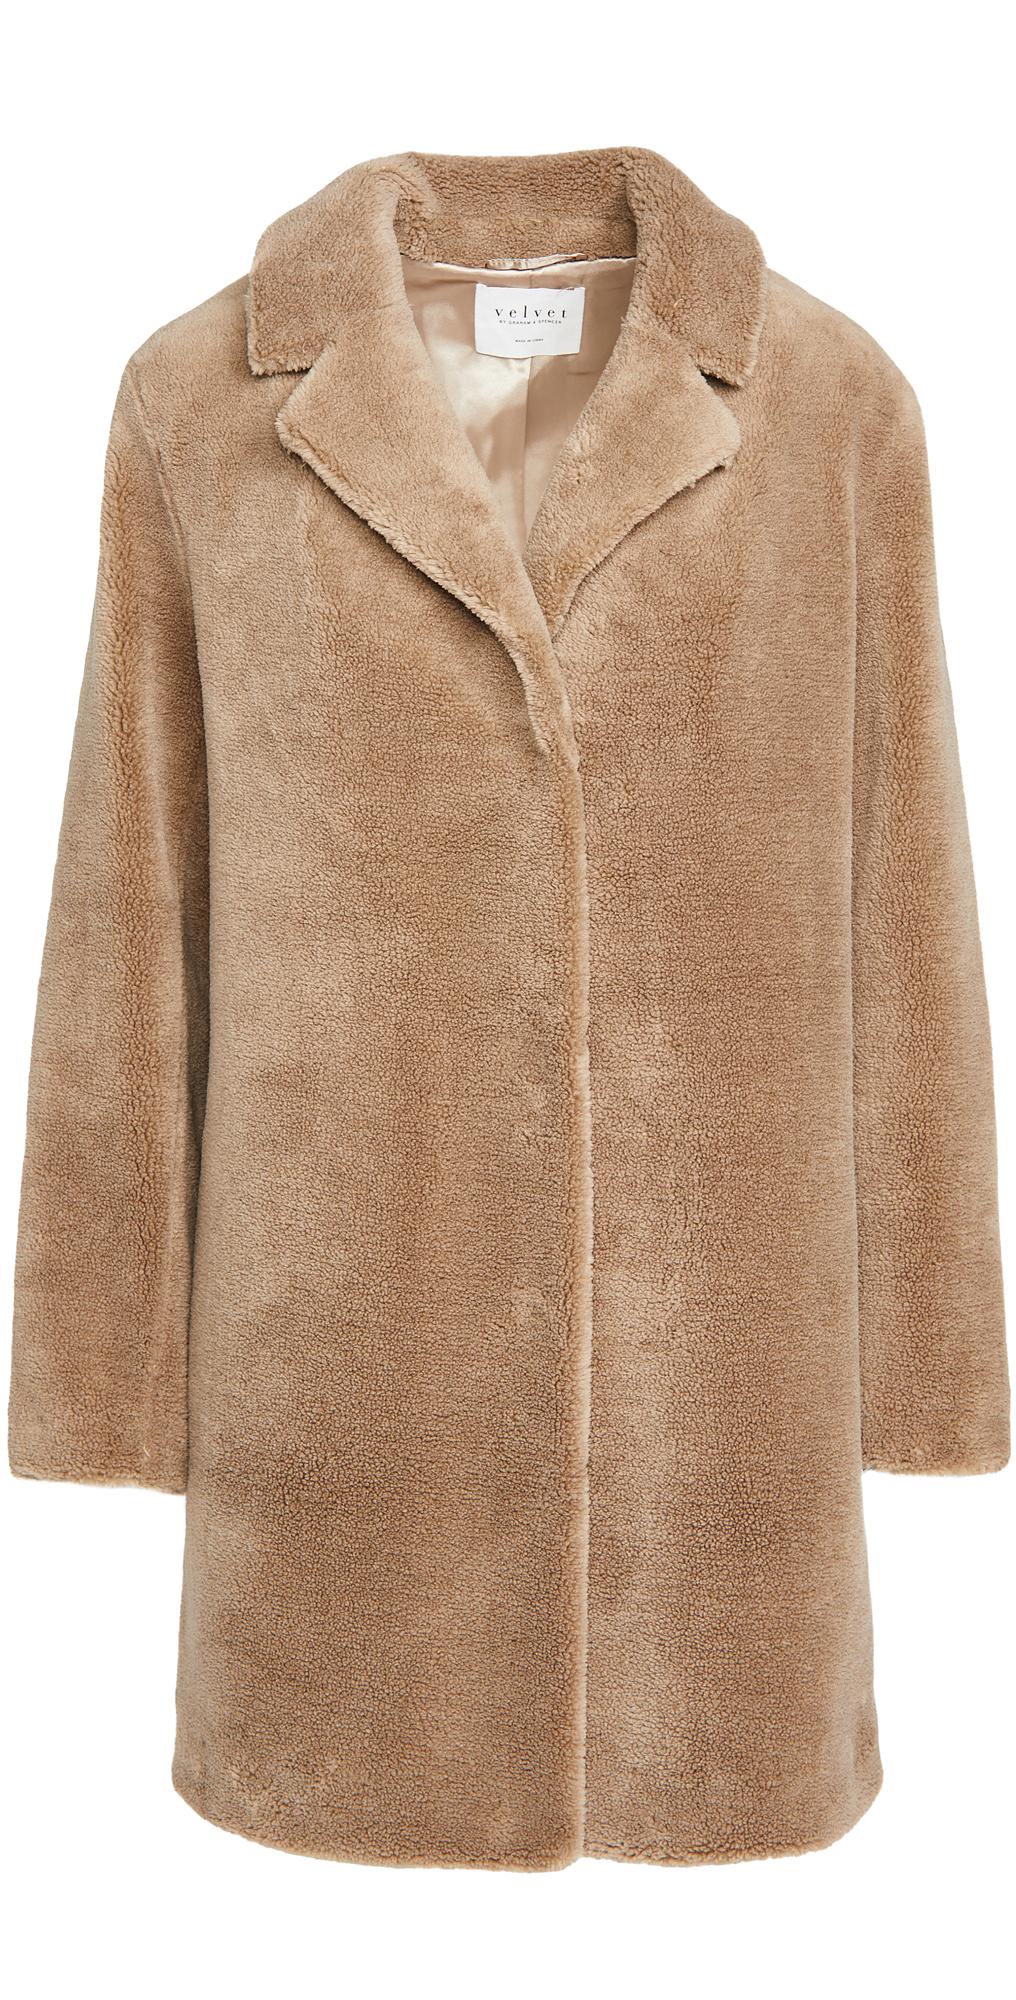 Velvet Trishelle03 Jacket